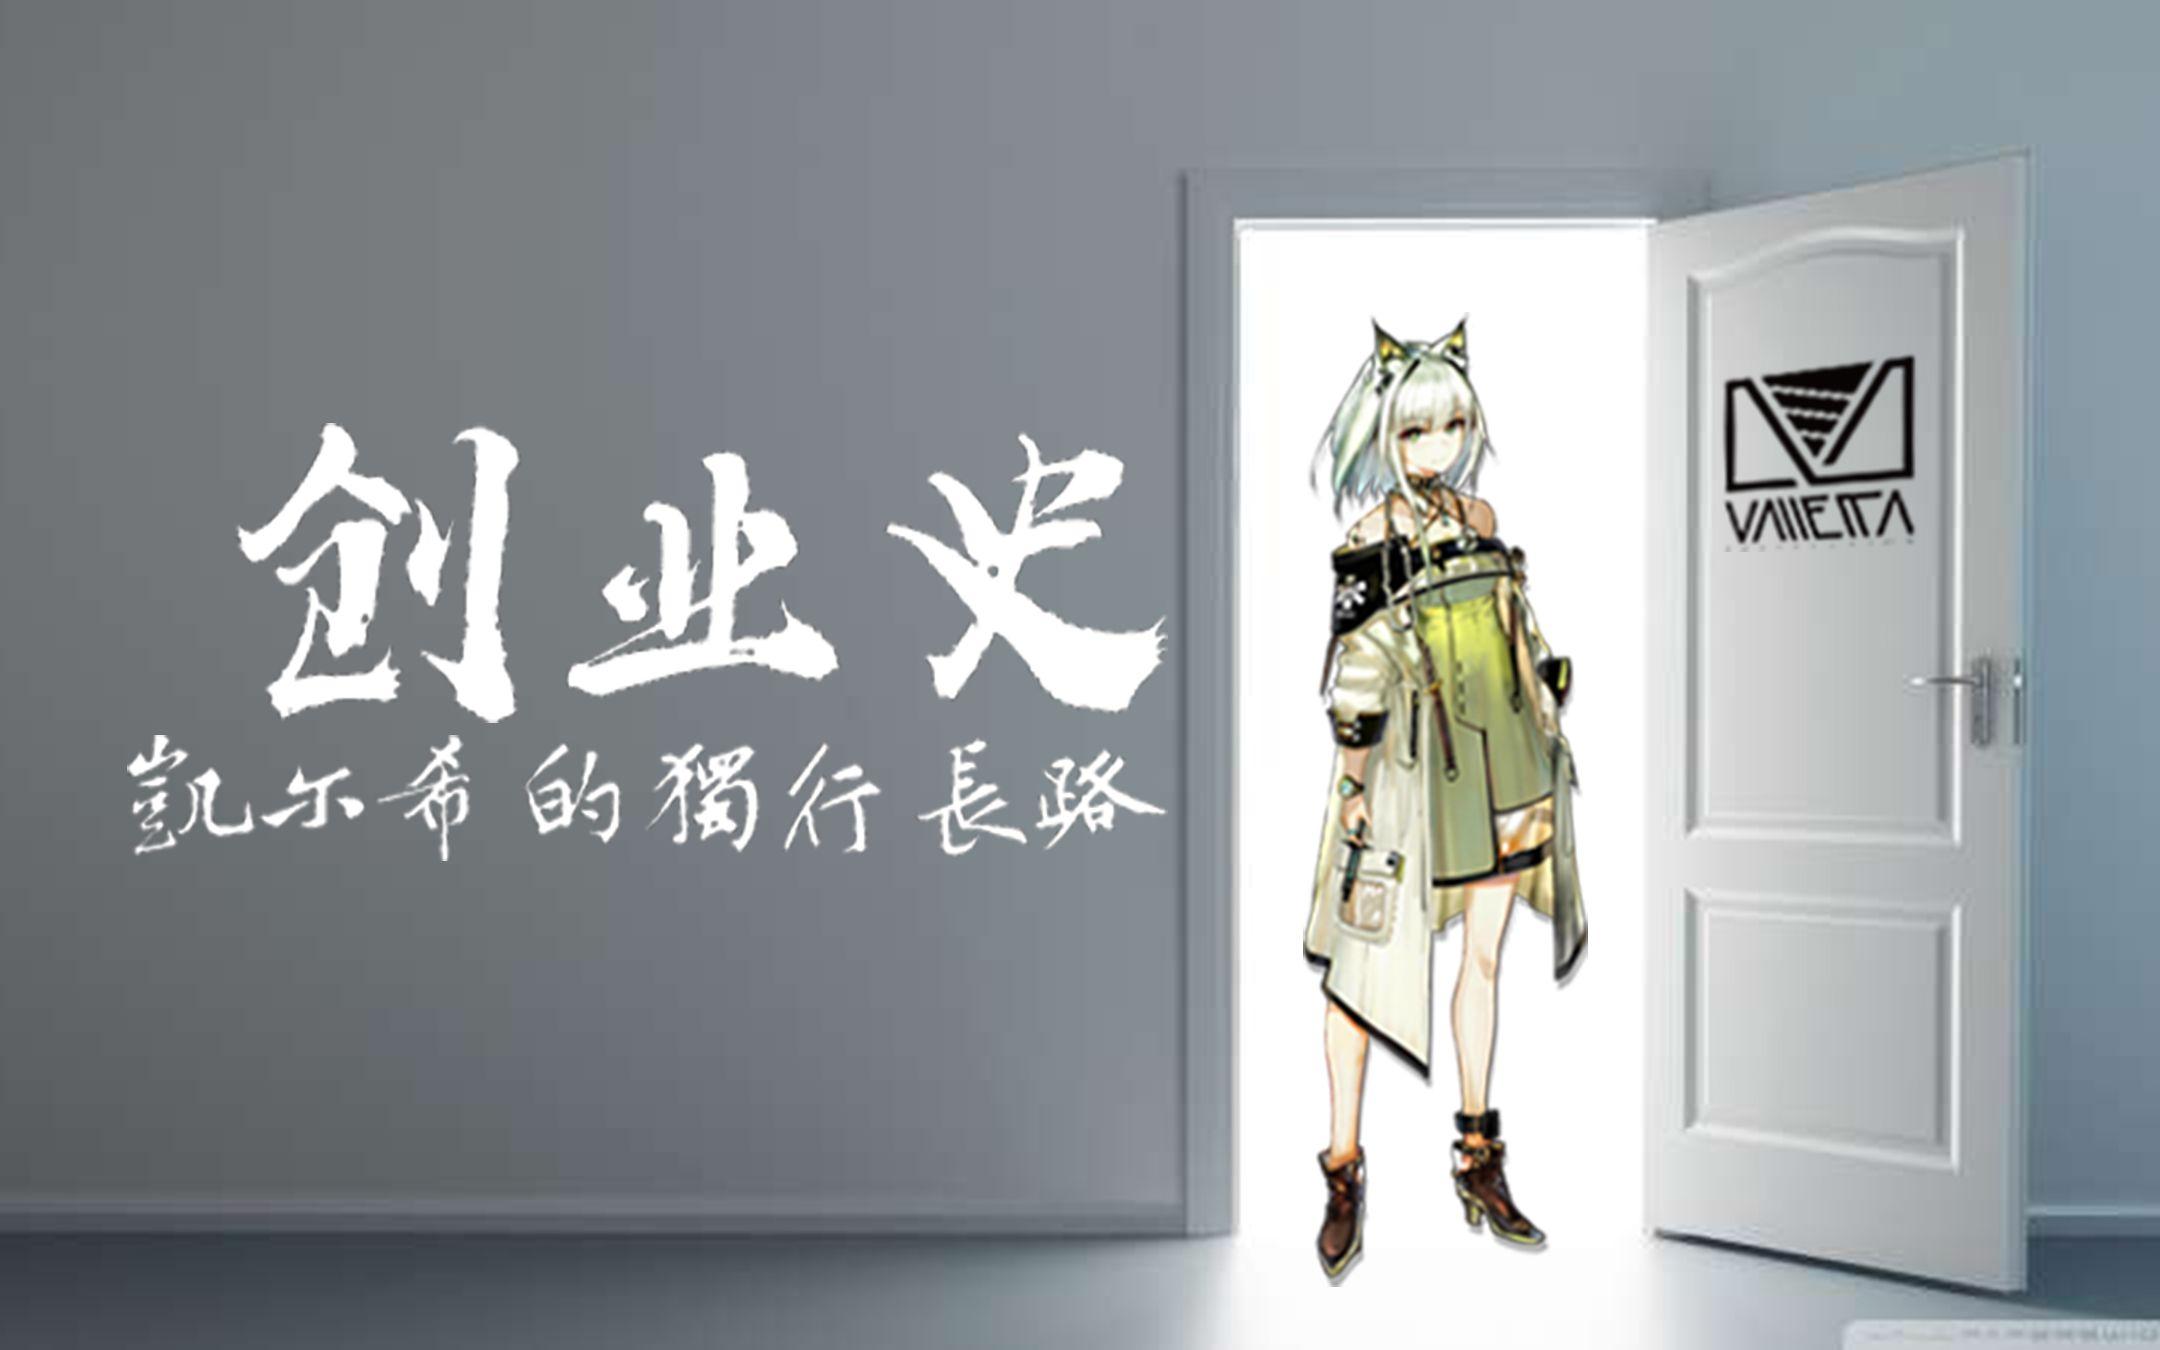 """【明日方舟】创业史:凯尔希的独行长路——""""遗尘漫步""""活动PV分析解读"""